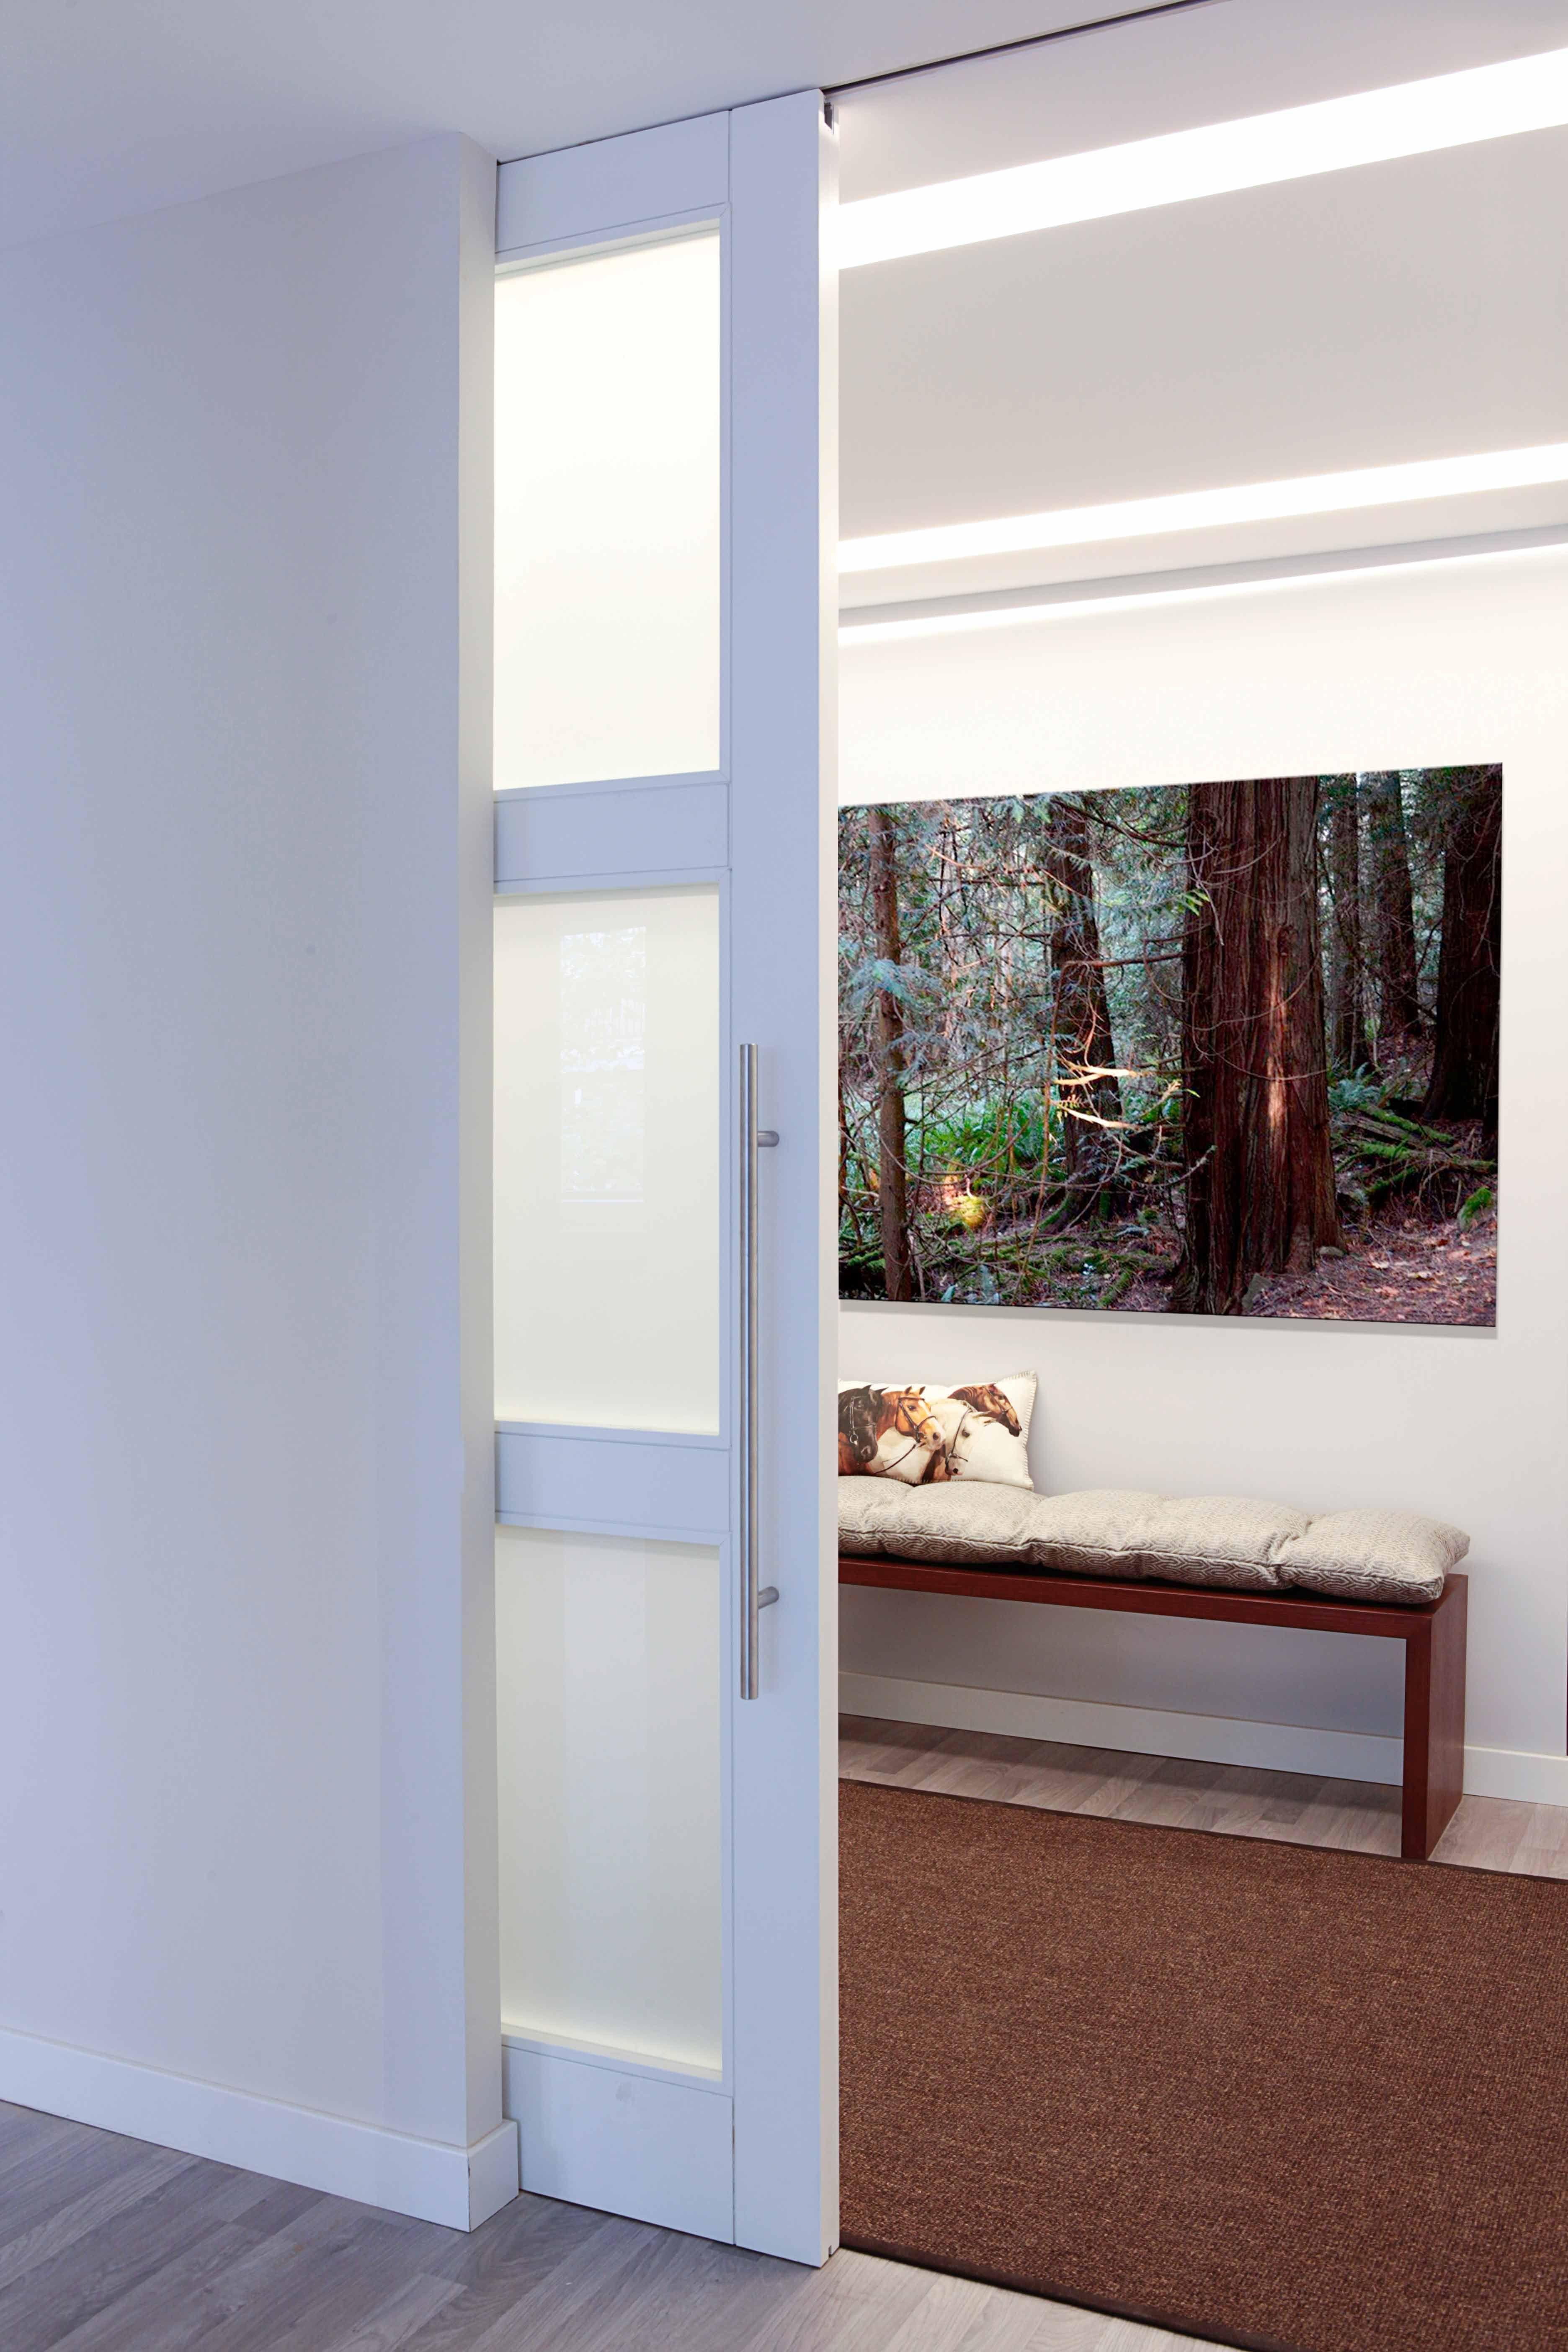 puerta corredera de suelo a techo e iluminacion oculta en el techo para una entrada